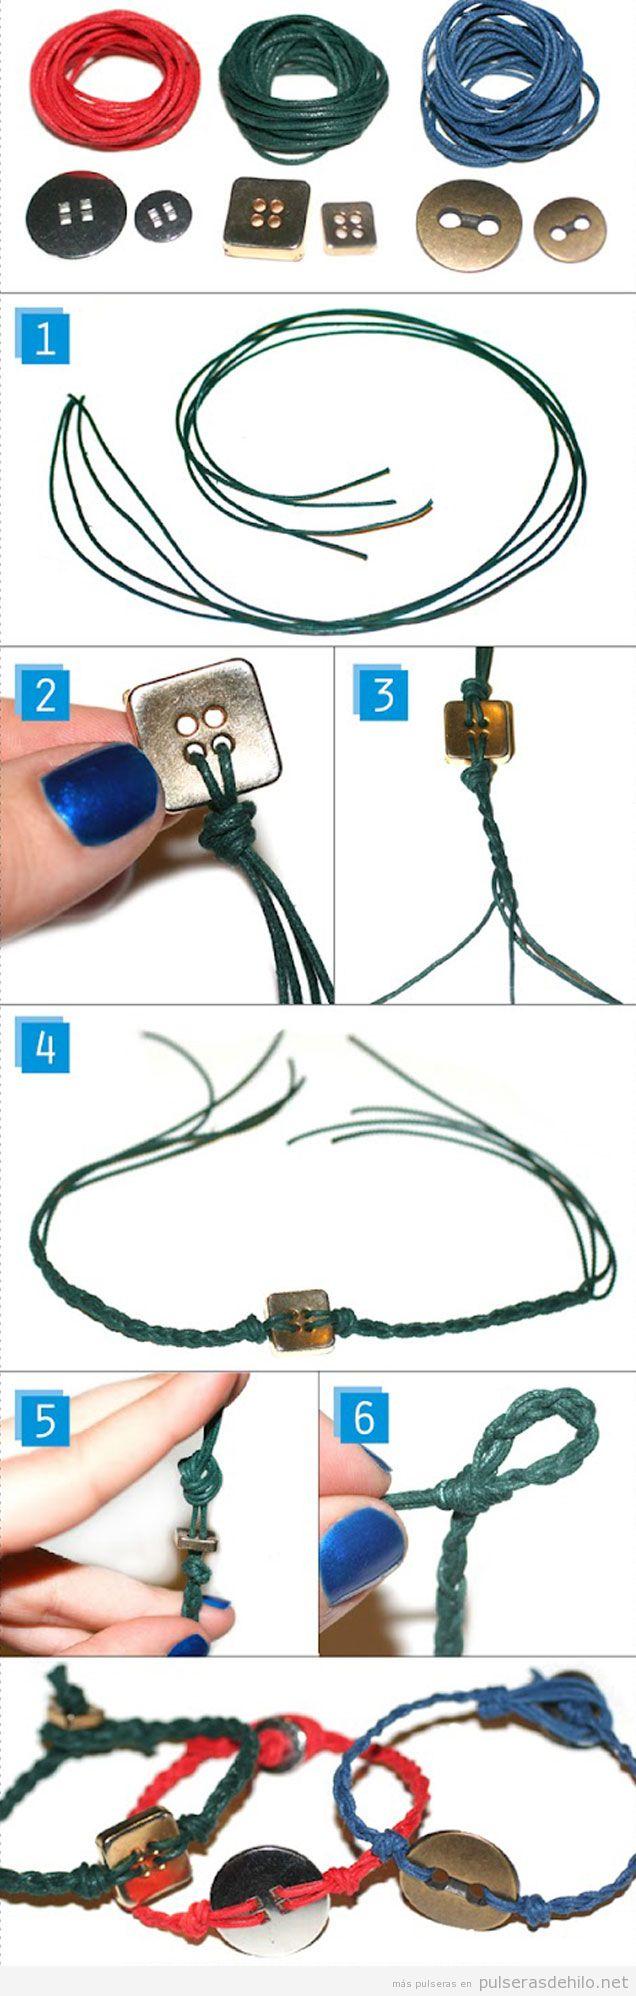 Tutorial pulsera fácil cuerdas y botones